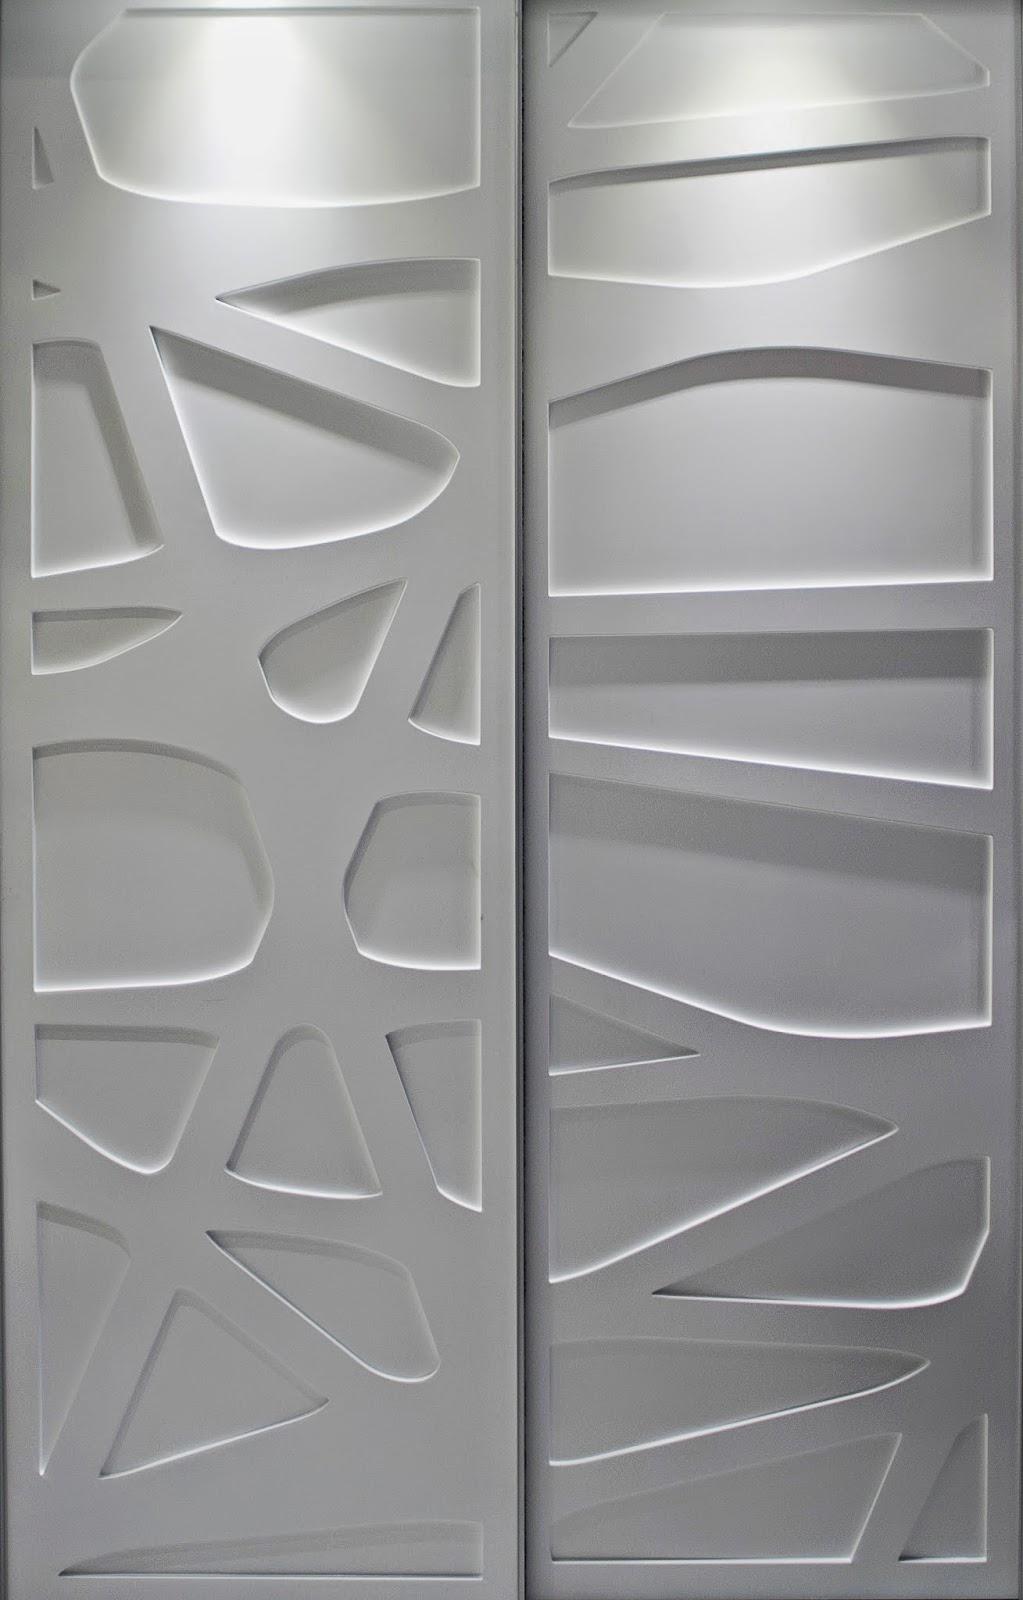 Puerta interior de casa modular de Resan